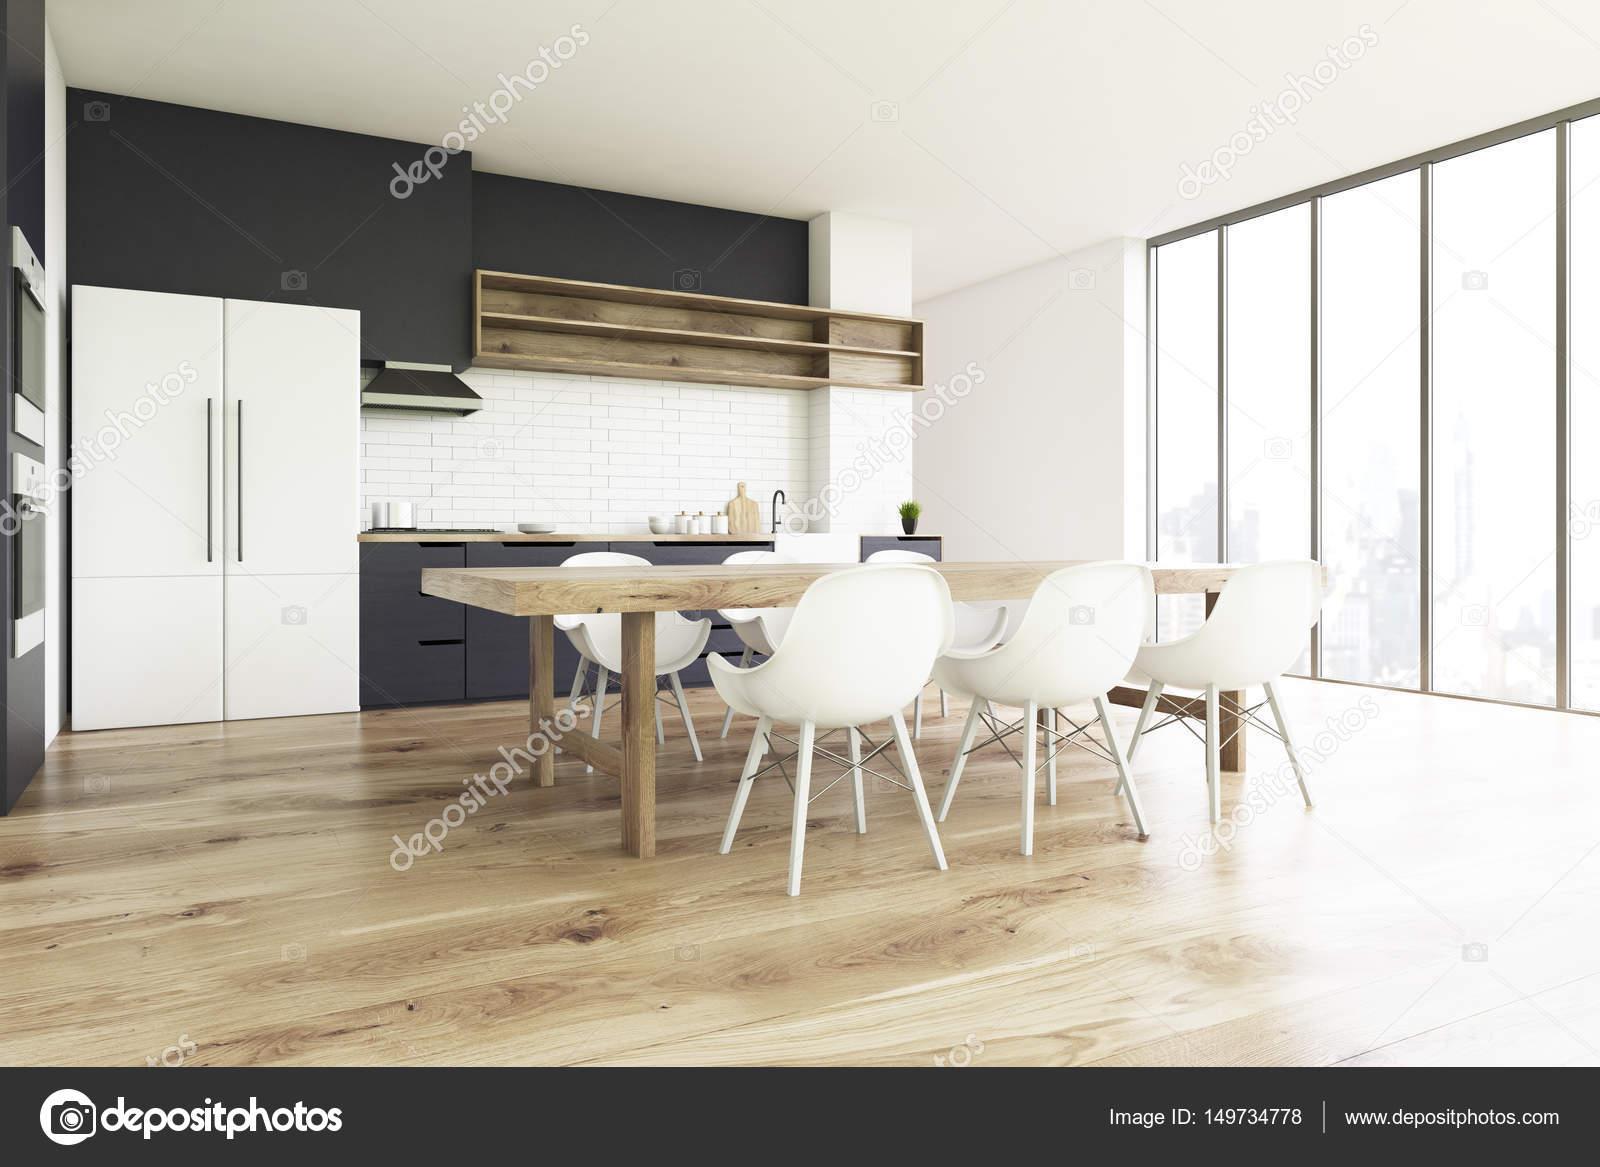 Vloer In Keuken : Houten vloer keuken kant u2014 stockfoto © denisismagilov #149734778